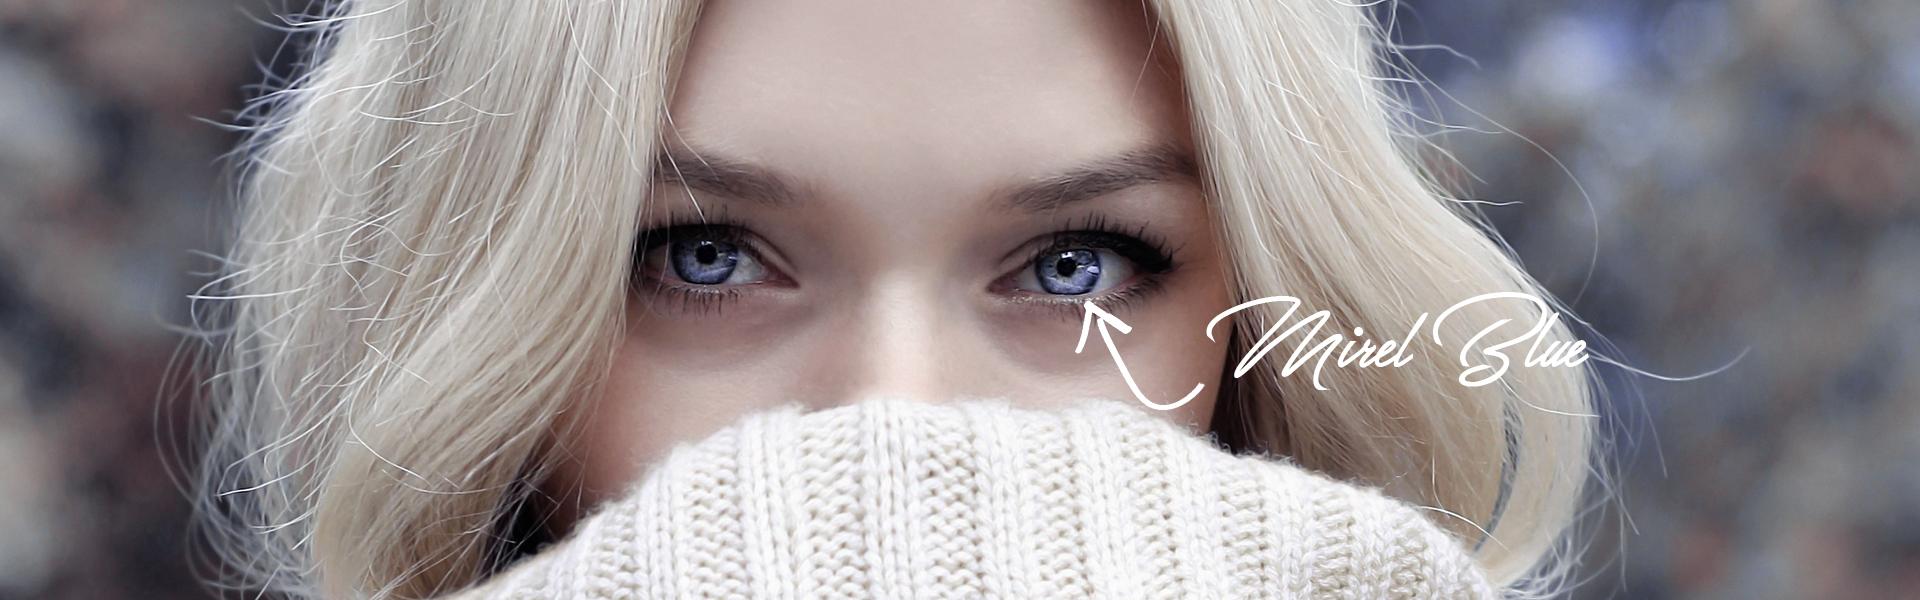 Farbige Premium Kontaktlinsen von Glamlens.de